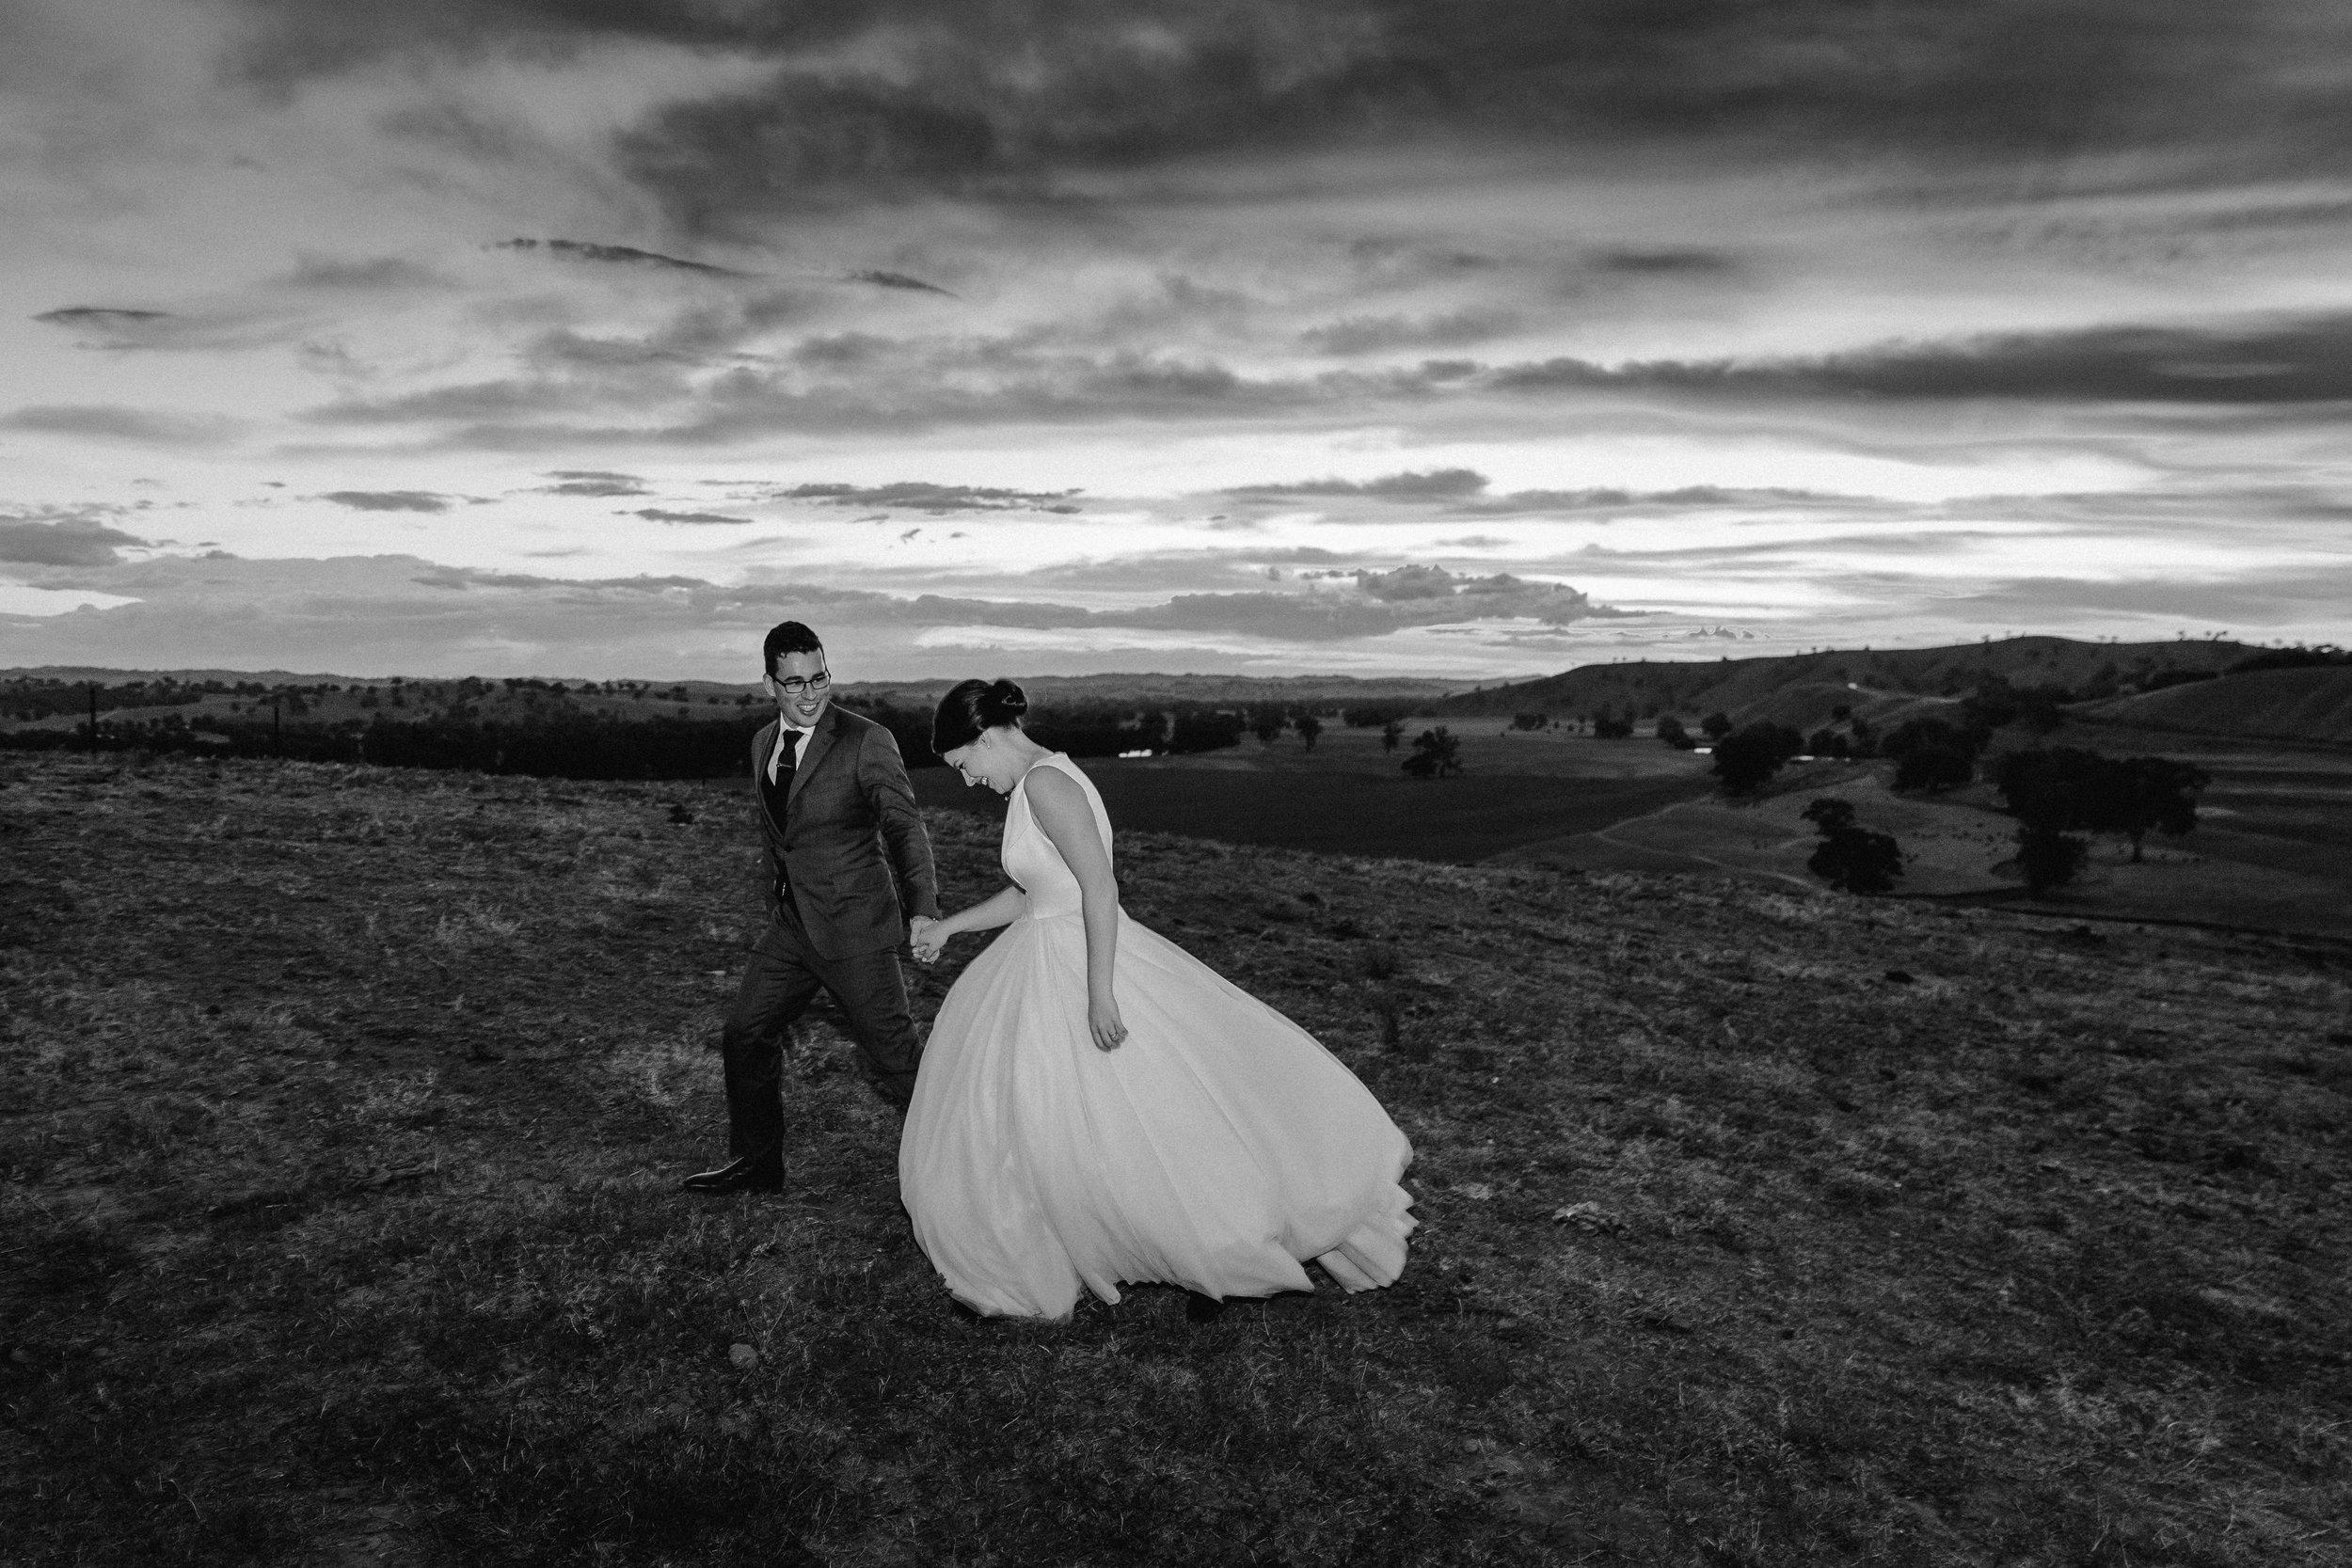 Lachlan-Jordan-Photography-7481-2.jpg